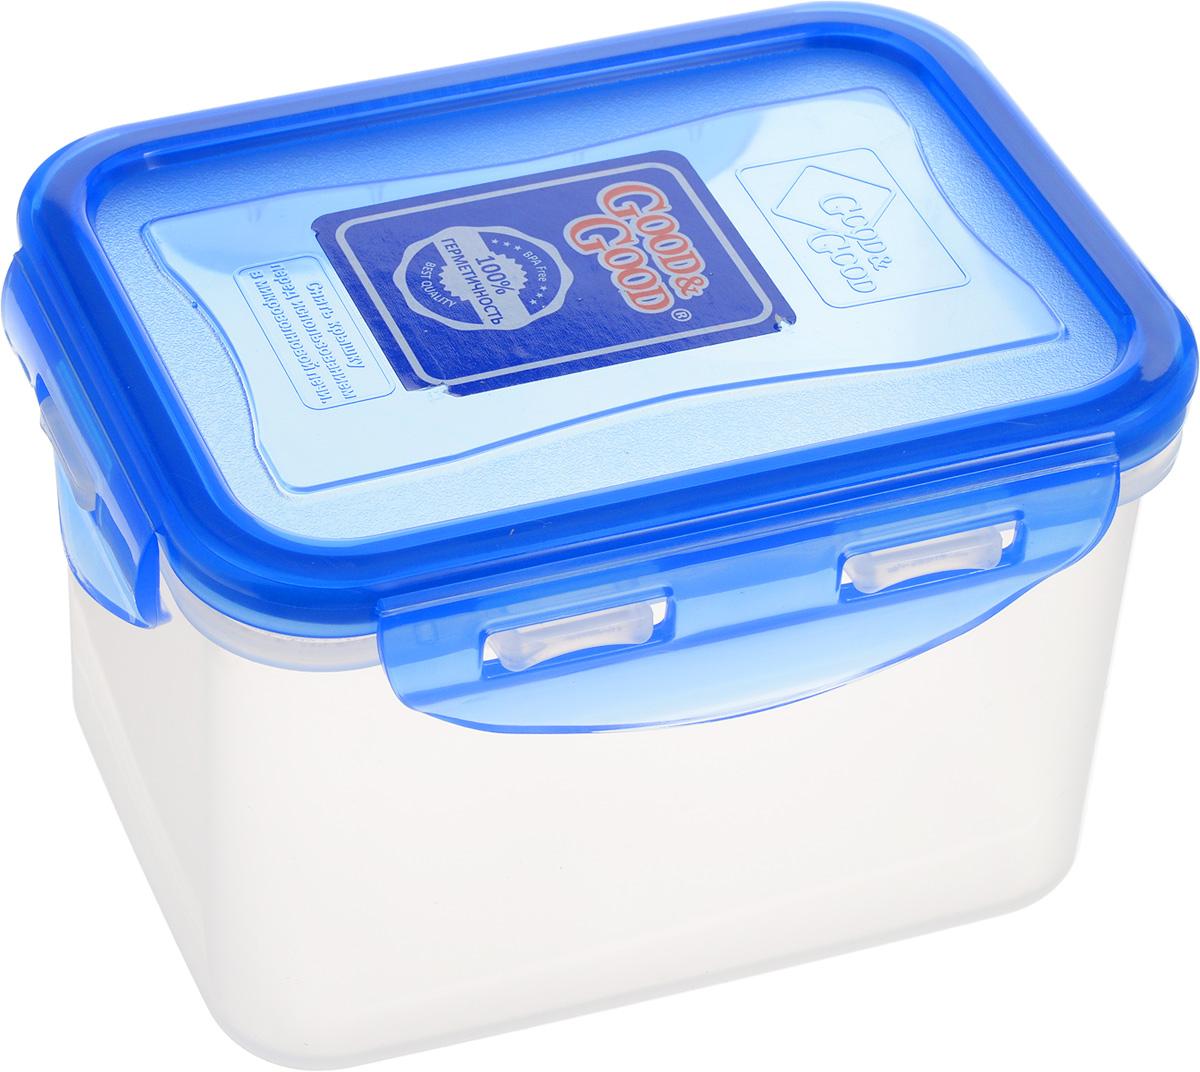 Контейнер пищевой Good&Good, цвет: синий, прозрачный, 630 мл. B/COL 02-2B/COL 02-2_синий, прозрачныйПрямоугольный контейнер Good&Good изготовлен из высококачественного полипропилена и предназначен для хранения любых пищевых продуктов. Благодаря особым технологиям изготовления, лотки в течение времени службы не меняют цвет и не пропитываются запахами. Крышка с силиконовой вставкой герметично защелкивается специальным механизмом. Контейнер Good&Good удобен для ежедневного использования в быту. Можно мыть в посудомоечной машине и использовать в микроволновой печи. Размер контейнера (с учетом крышки): 13 х 9,5 х 8,5 см.